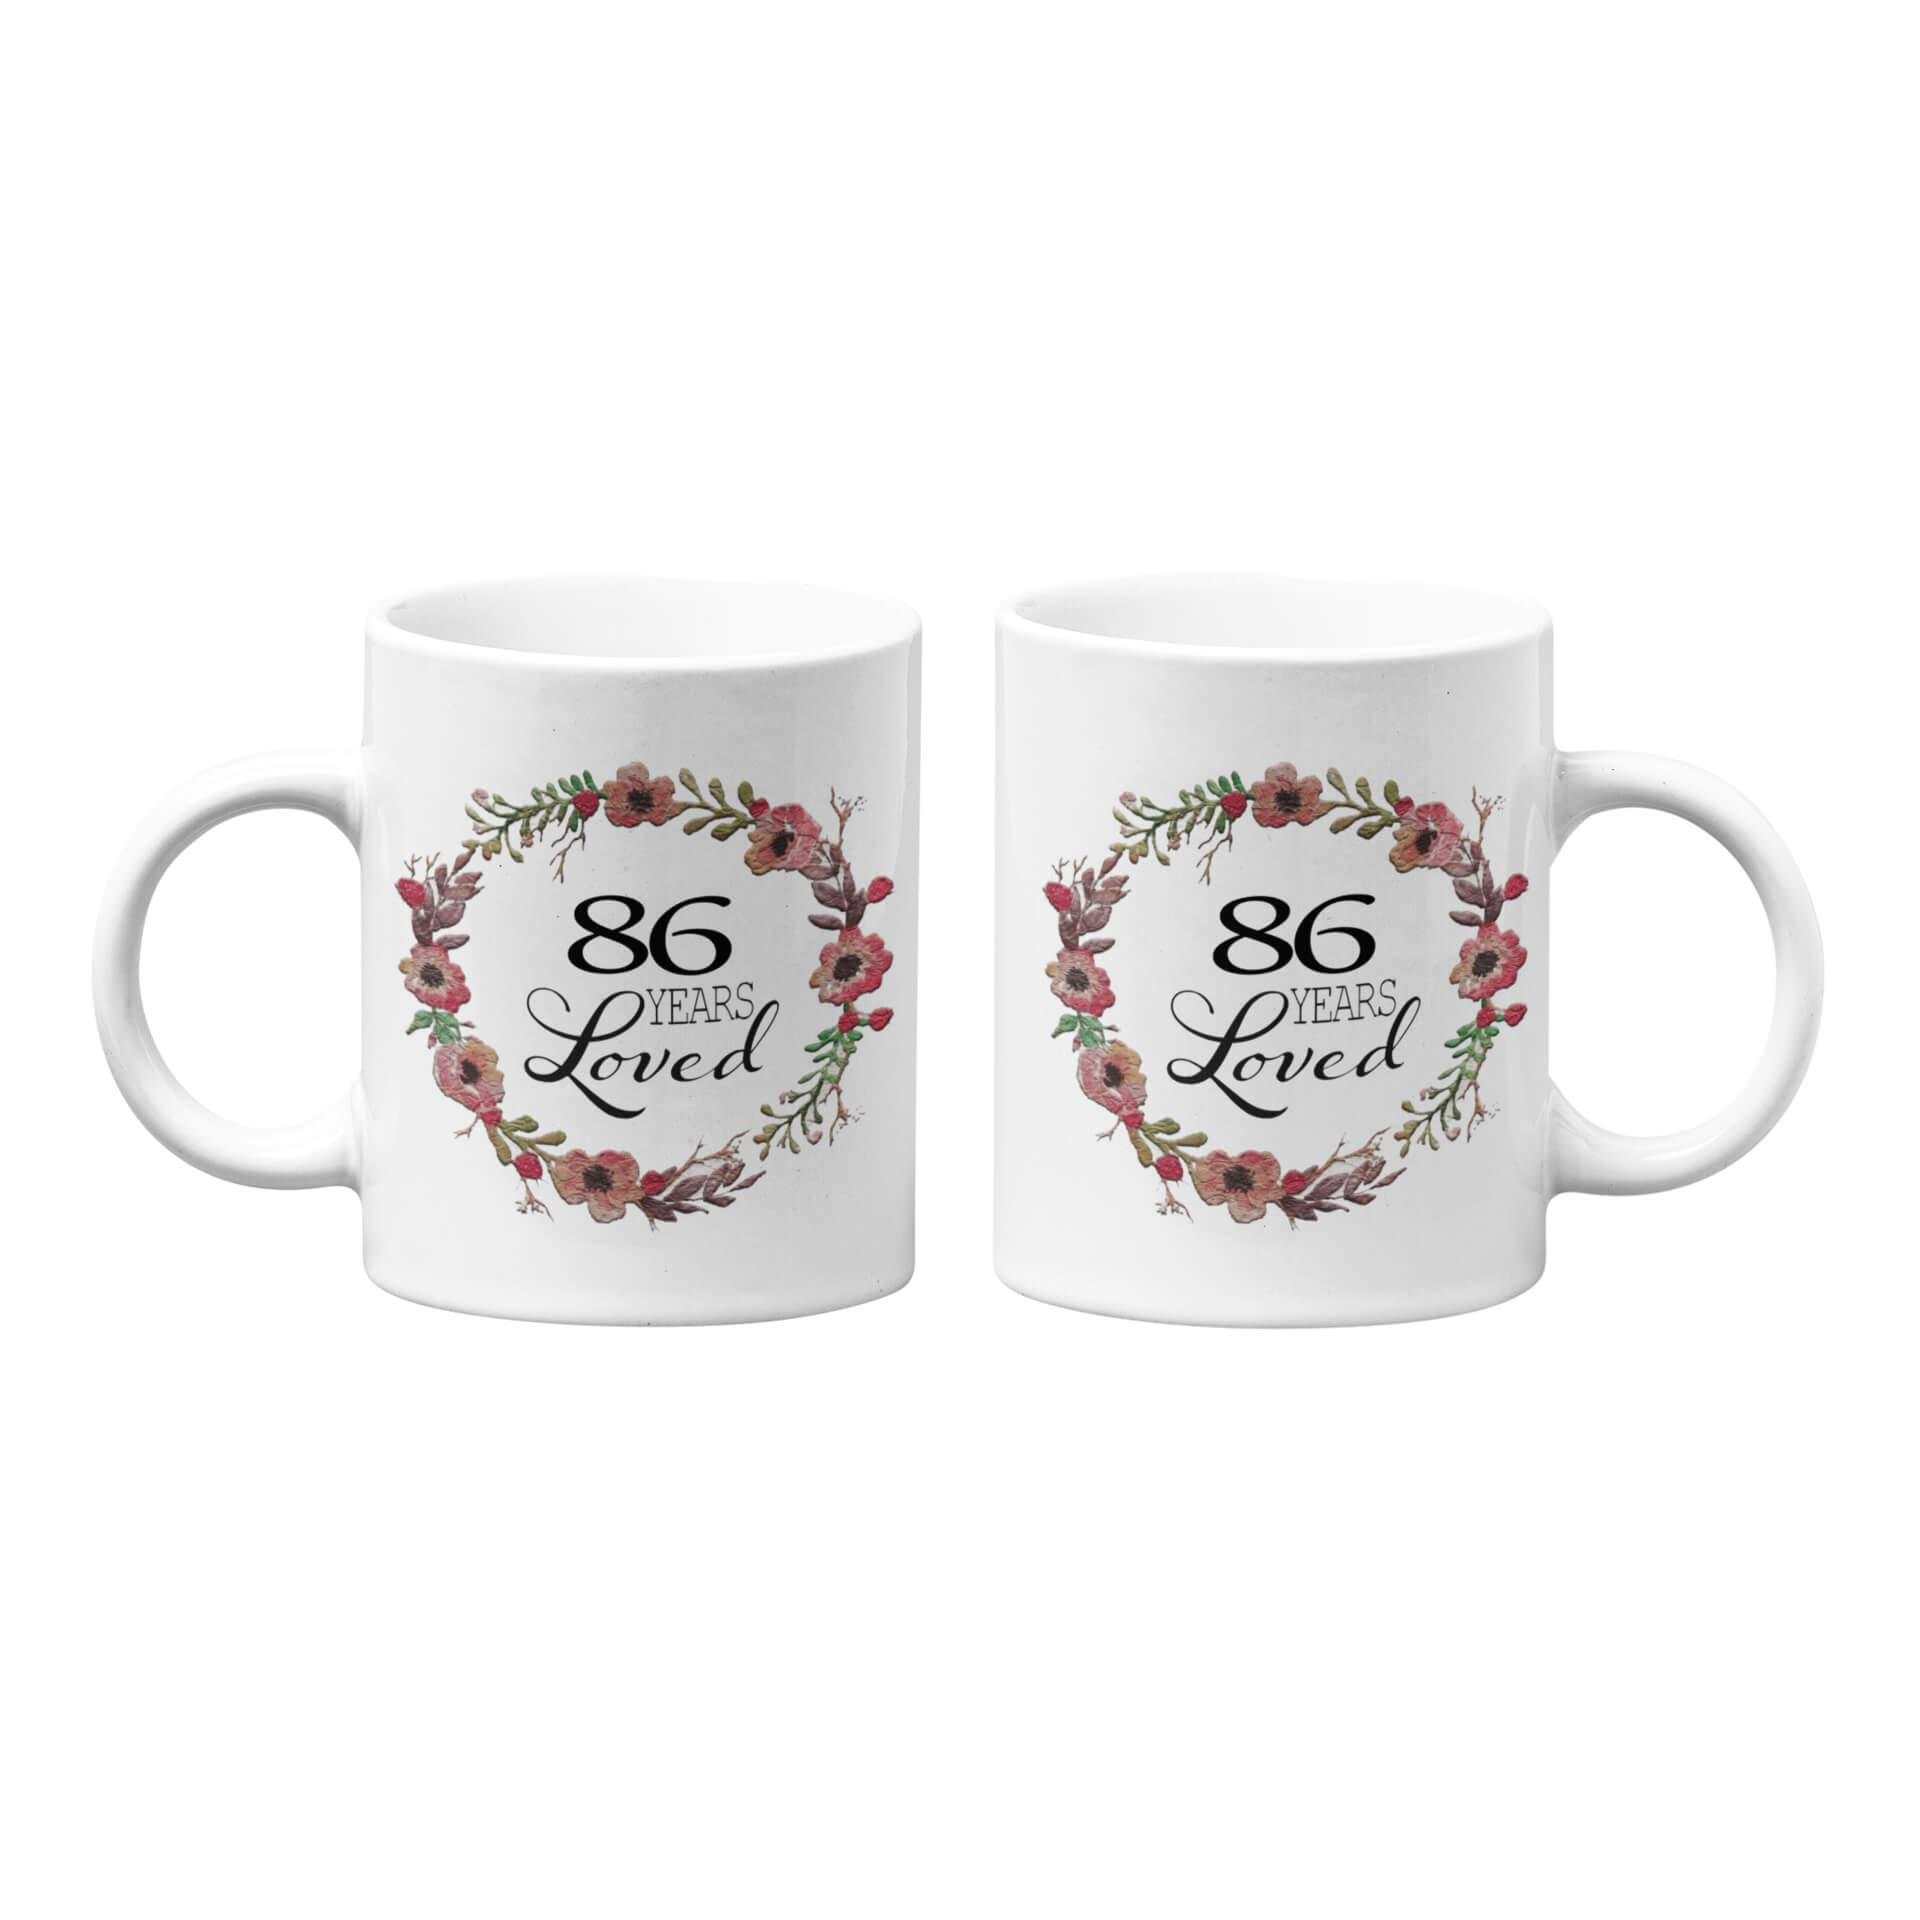 Number of Years Loved Mug